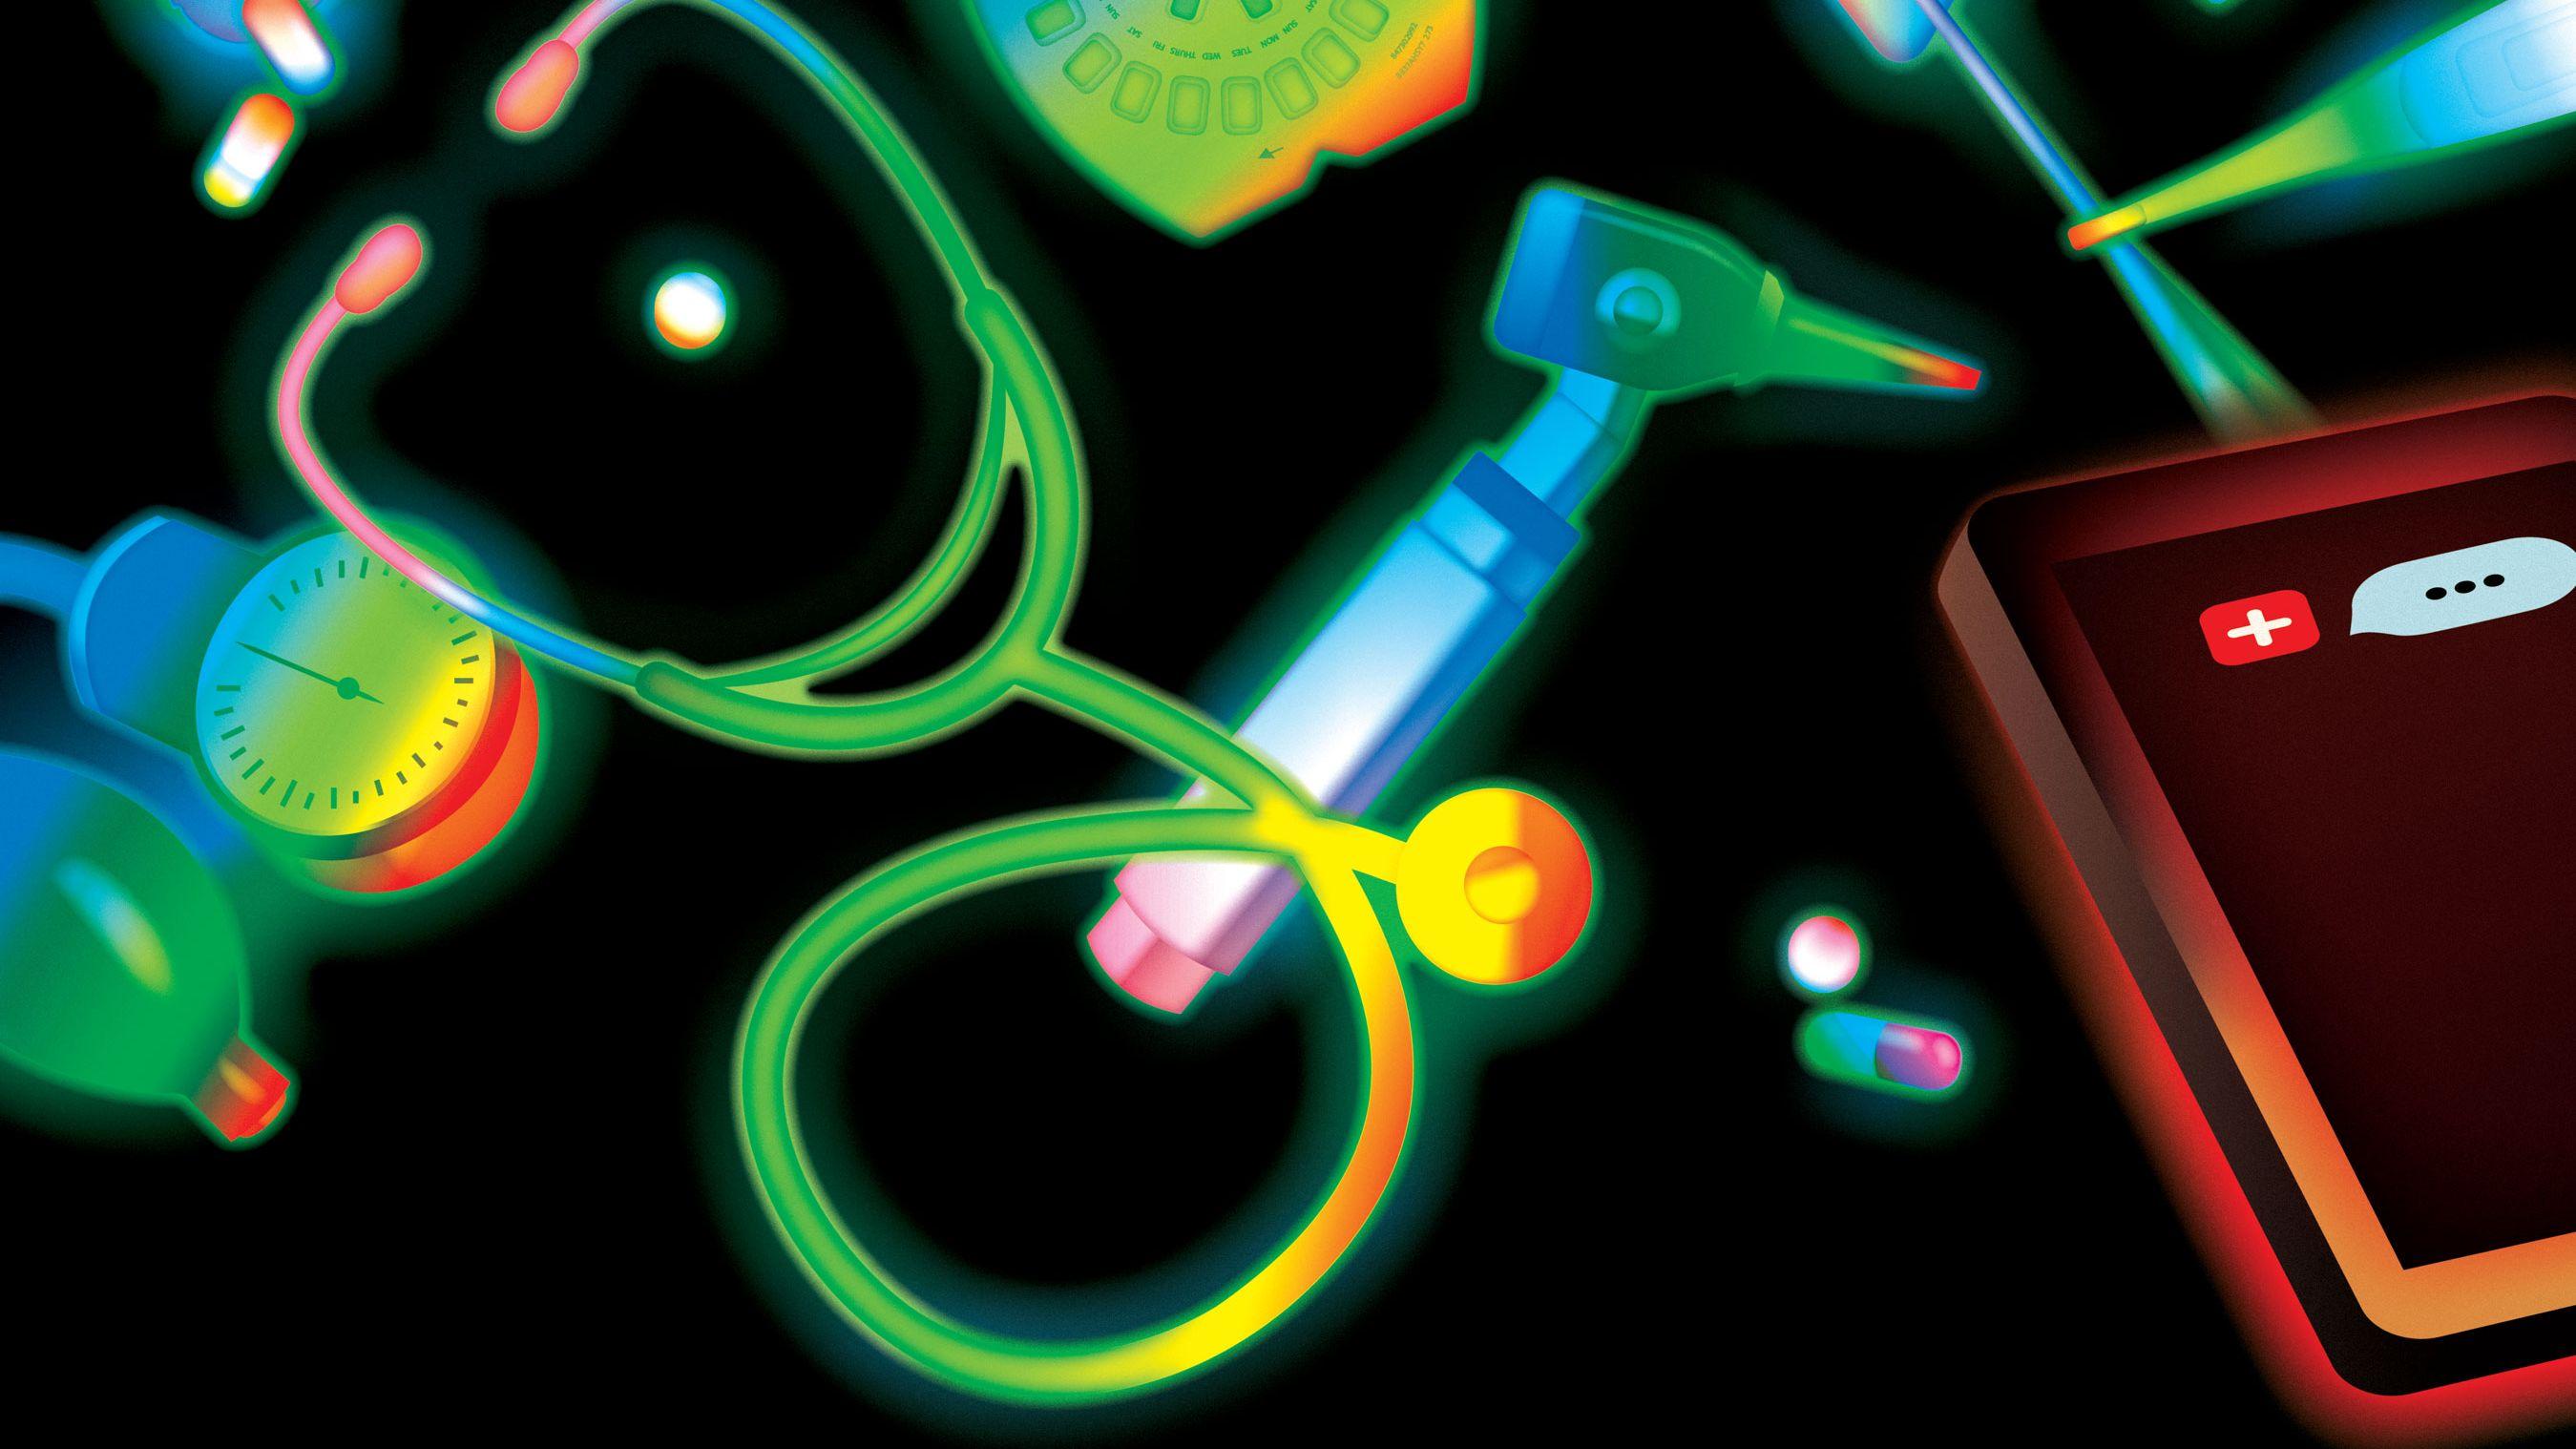 利用者の半数が受診をやめた AIチャット・ドクターは 医療費抑制の切り札になるか